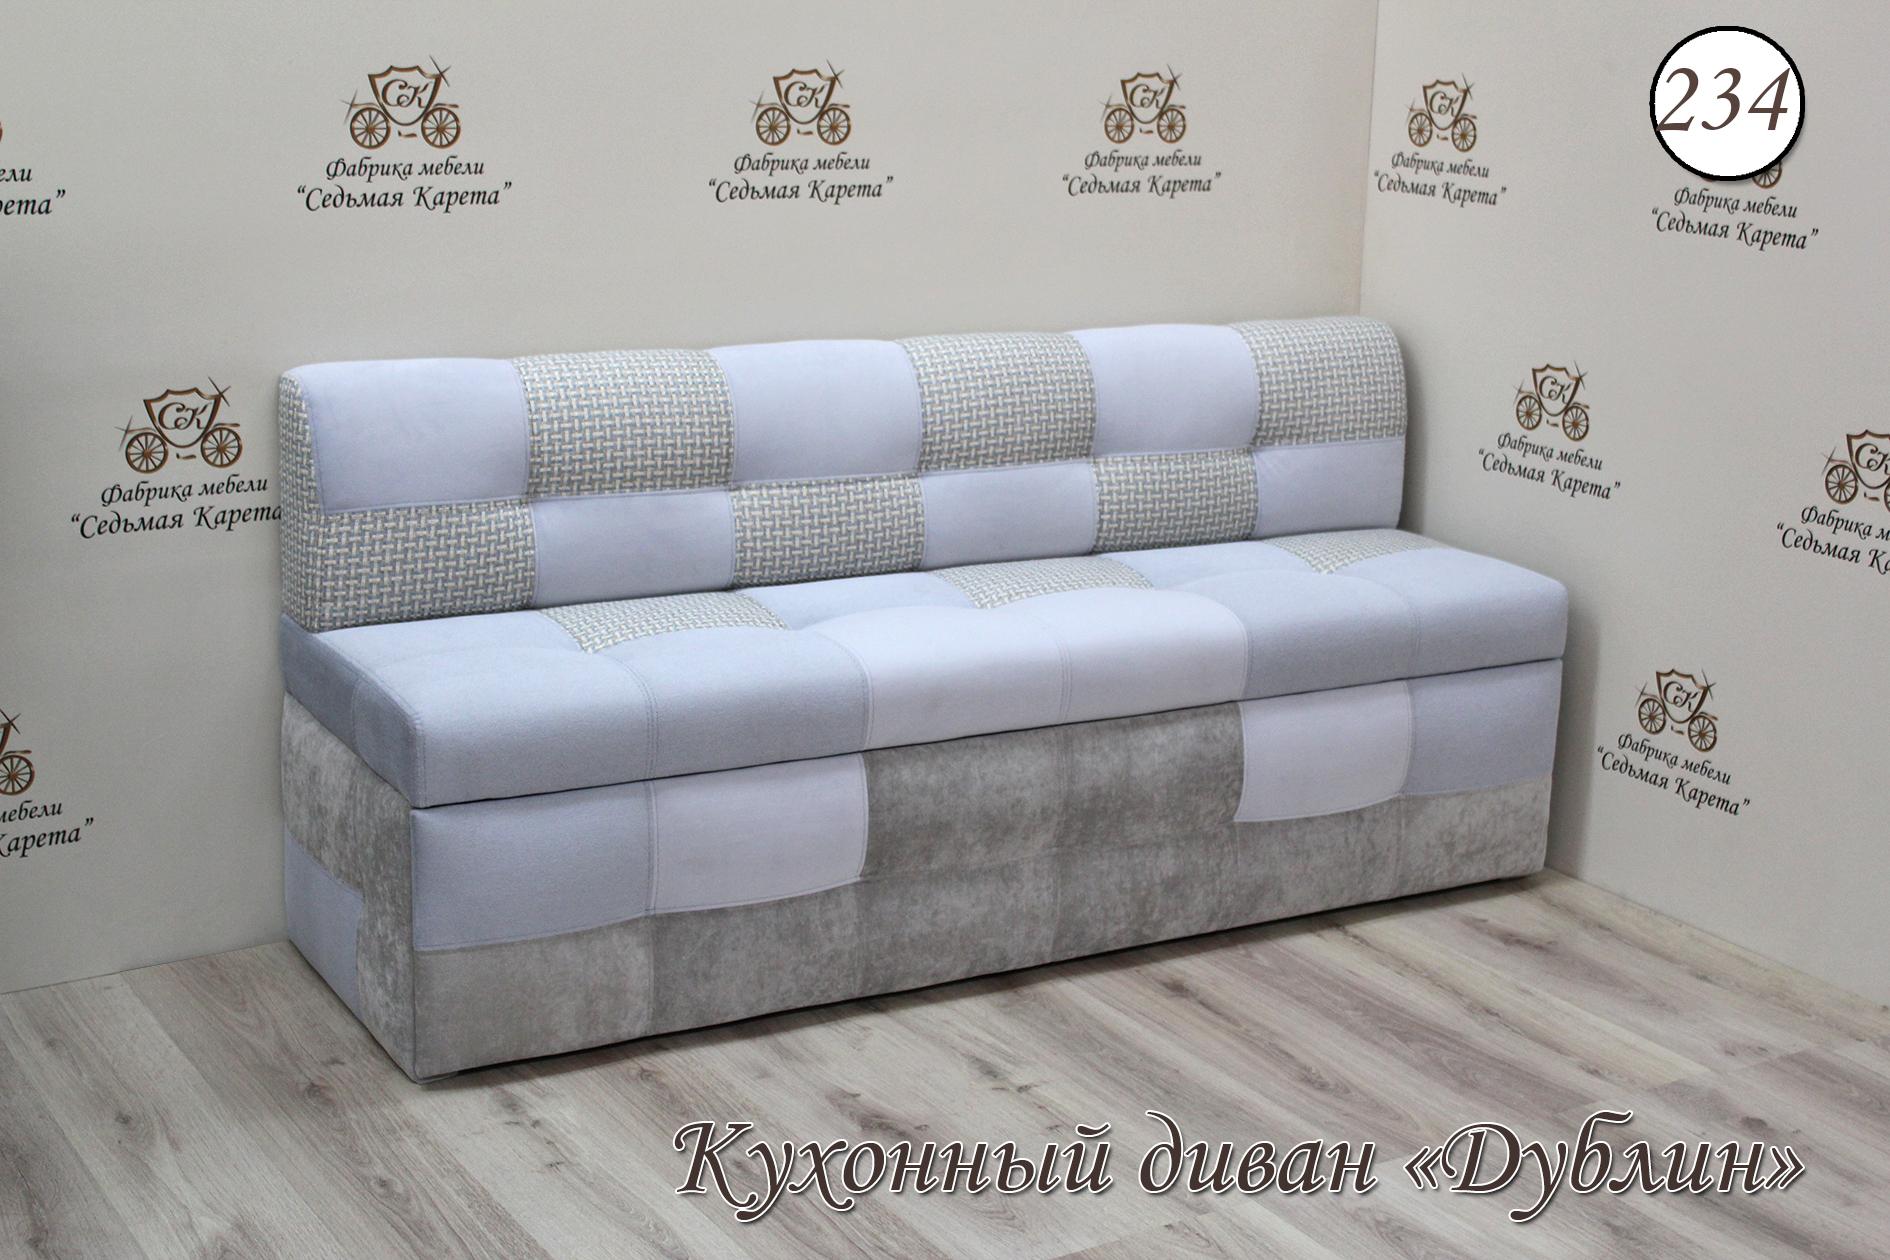 Кухонный диван Дублин-218